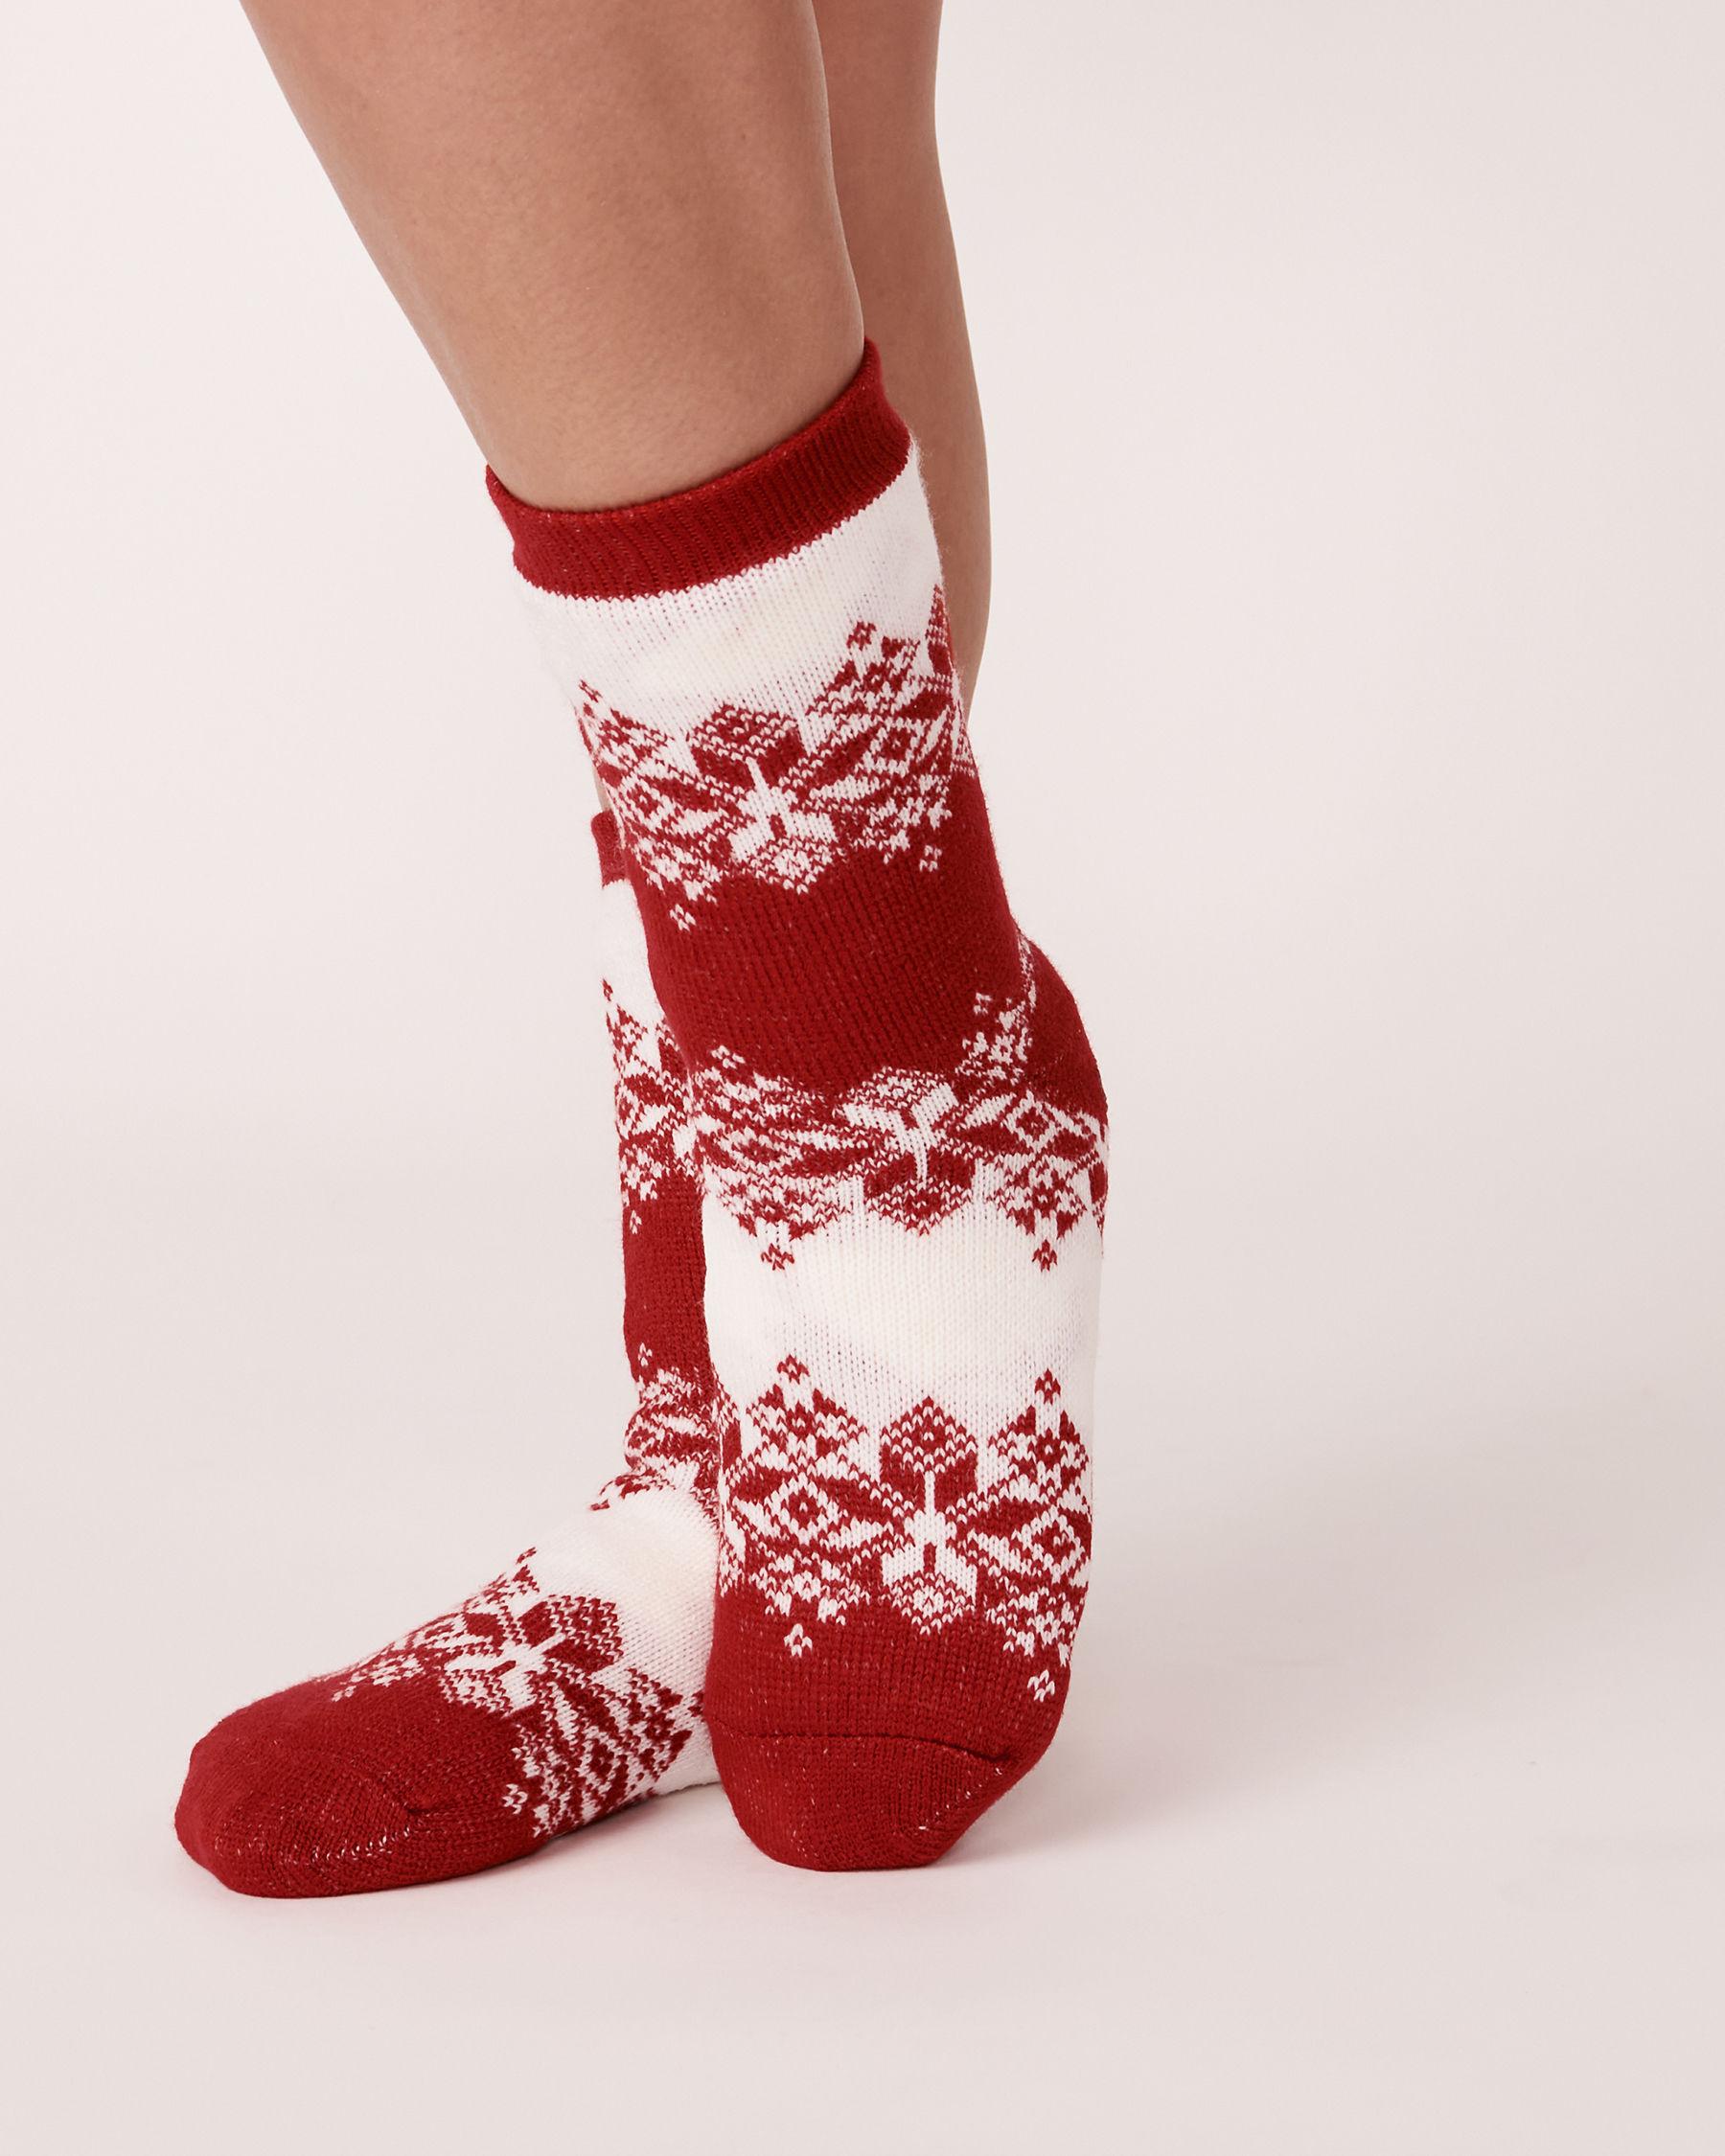 LA VIE EN ROSE Bas en tricot et sherpa imprimé nordique Hiver rouge 554-514-0-09 - Voir1